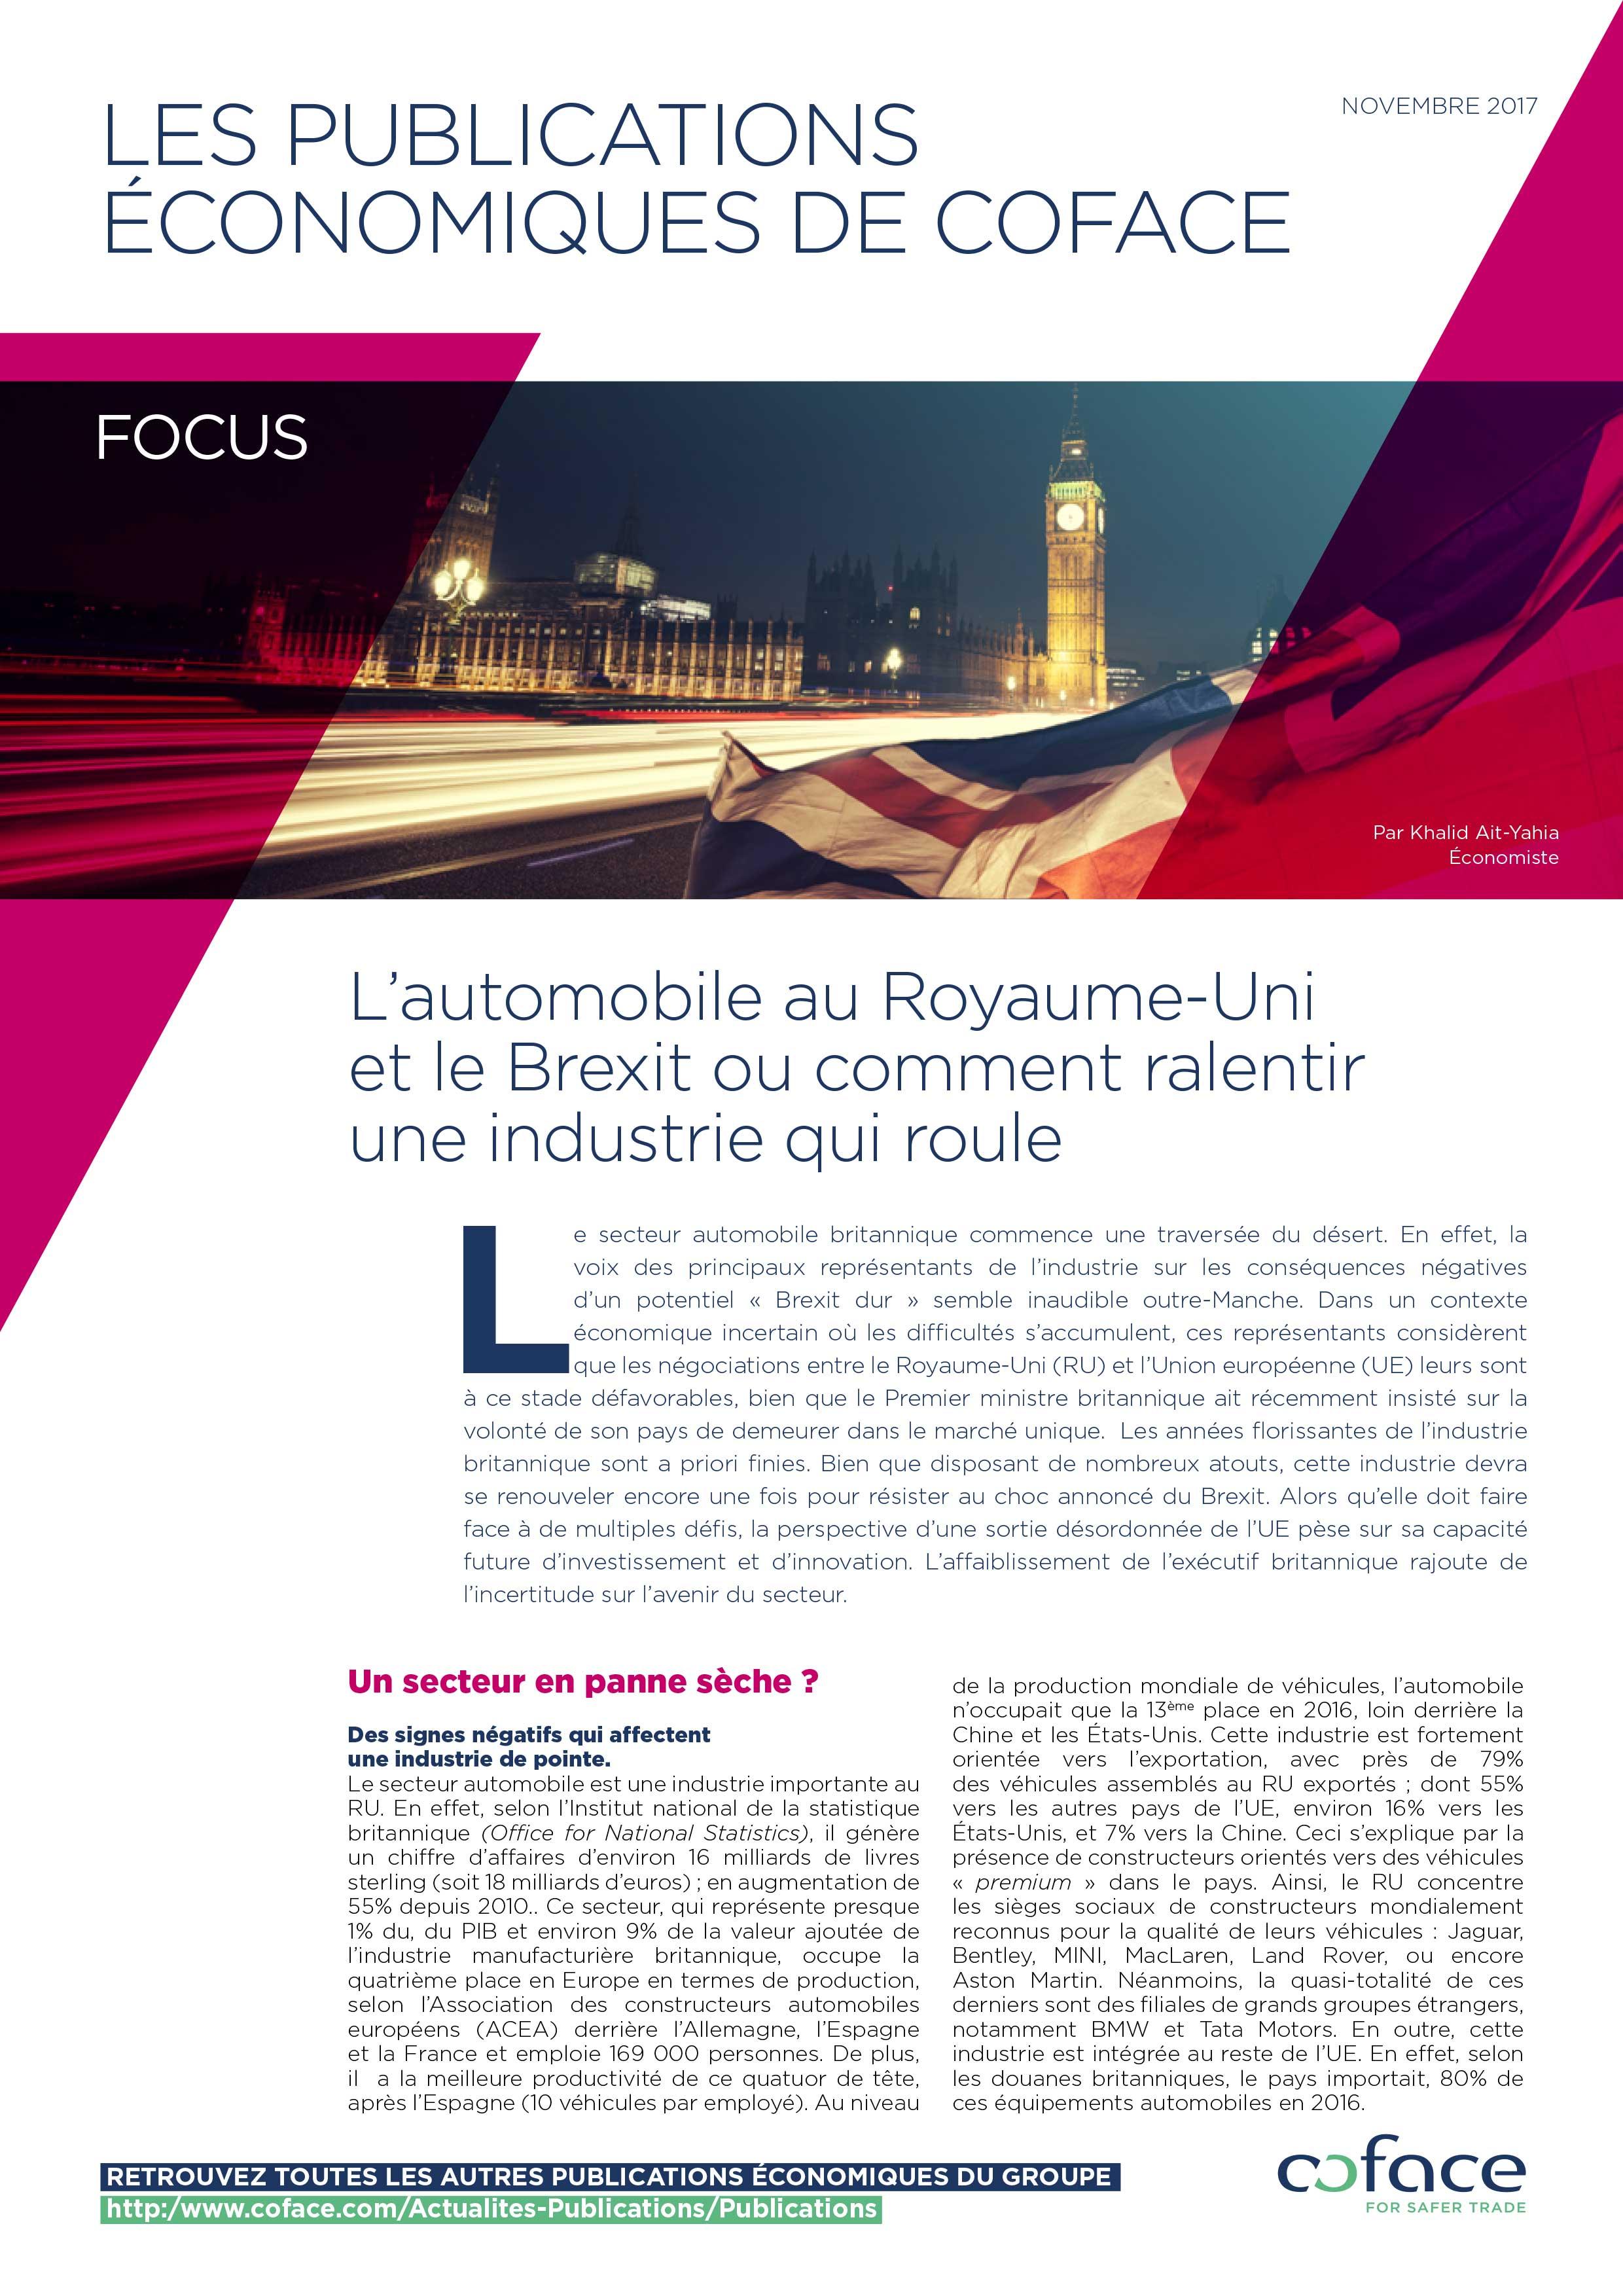 L'automobile au Royaume-Uni et le Brexit ou comment ralentir une industrie qui roule